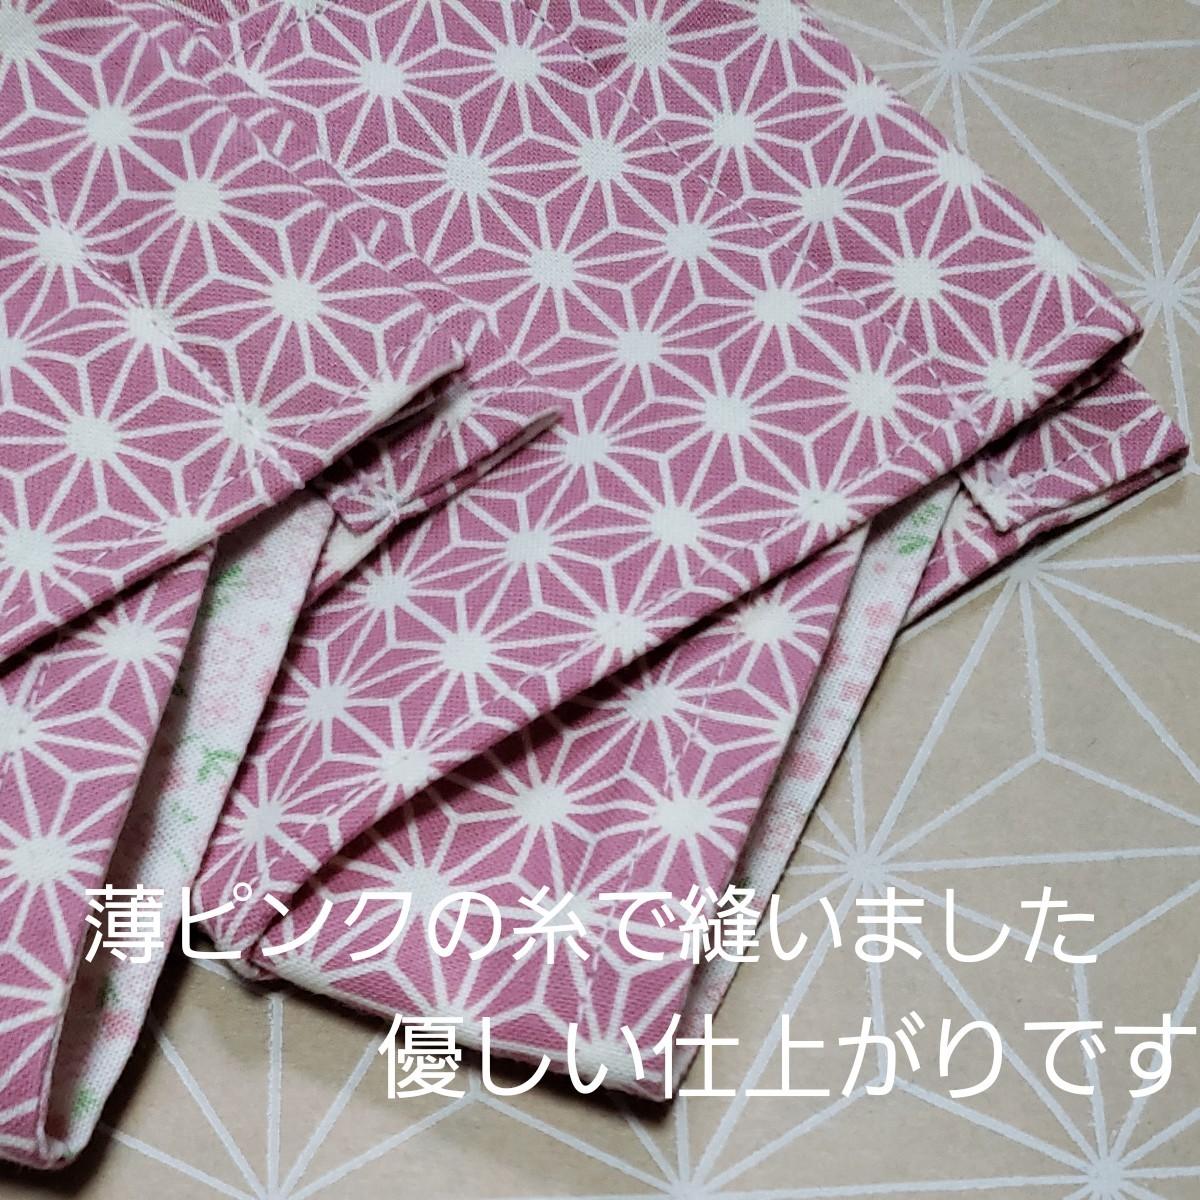 立体 インナー 鬼滅の刃 Mサイズ2枚セット バラ売り不可 麻の葉模様が好きな方へ クレンゼ素材使用 桜色耳かけ紐付きます♪